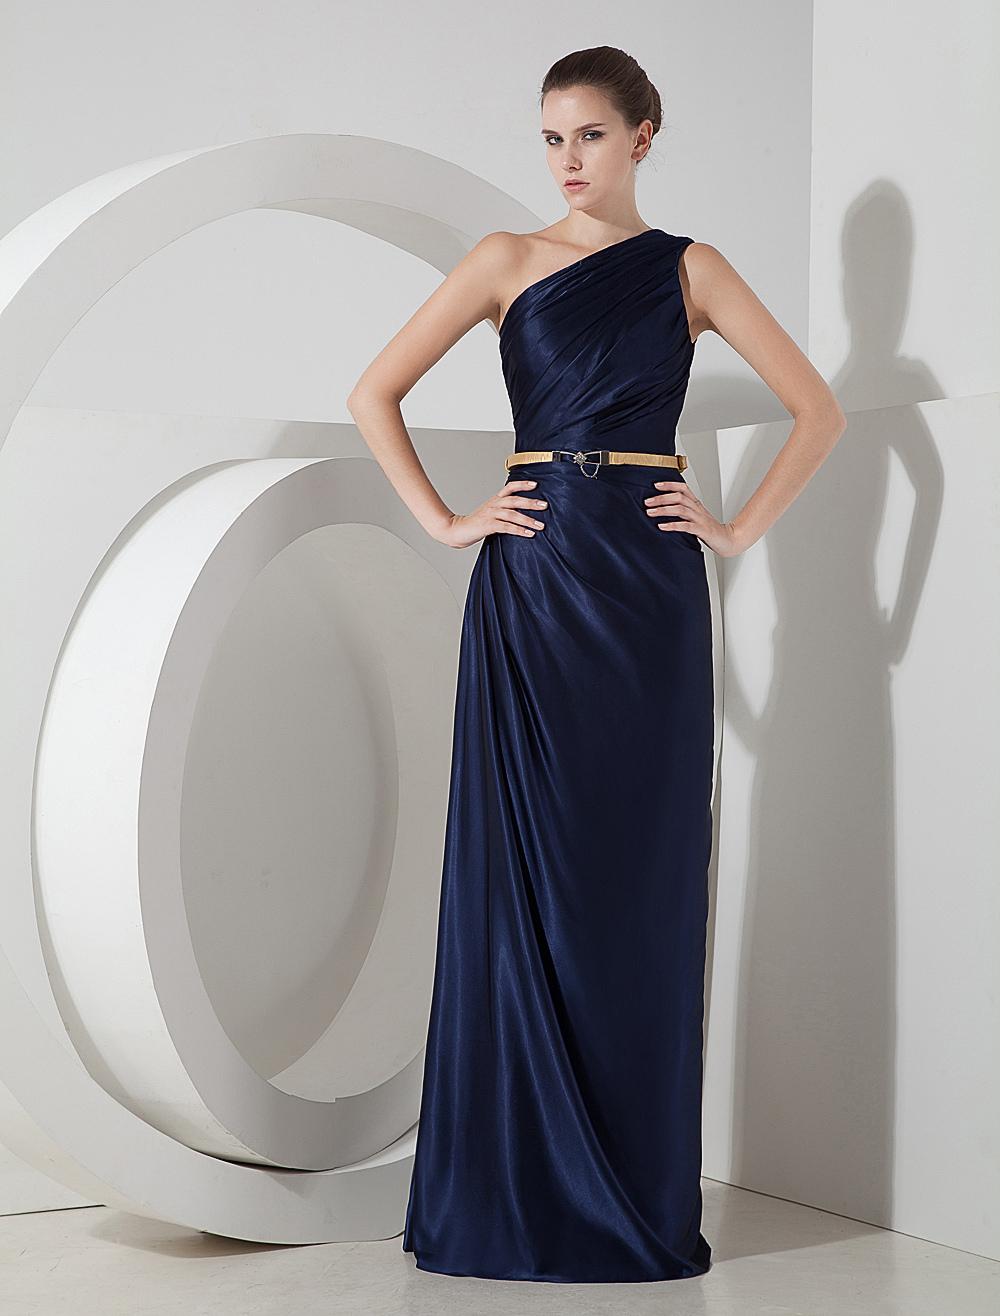 832ac3352 Vestidos de noche color azul pavo – Vestidos hermosos y de moda 2018